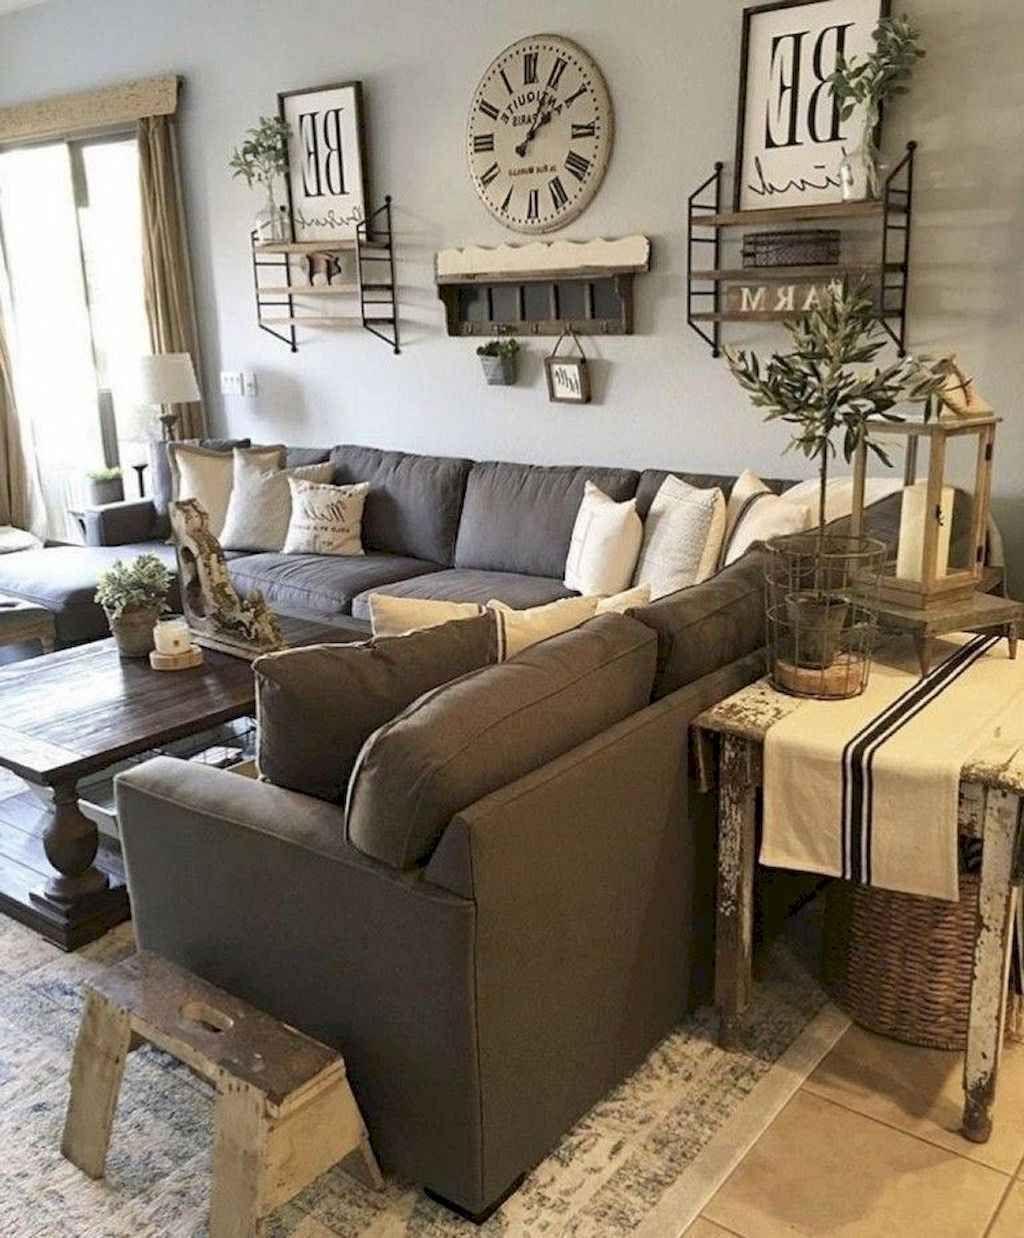 32 Romantic Shabby Chic Living Room Decor Ideas Domakeover Com Living Room Design Decor Farmhouse Decor Living Room Minimalist Living Room Decor